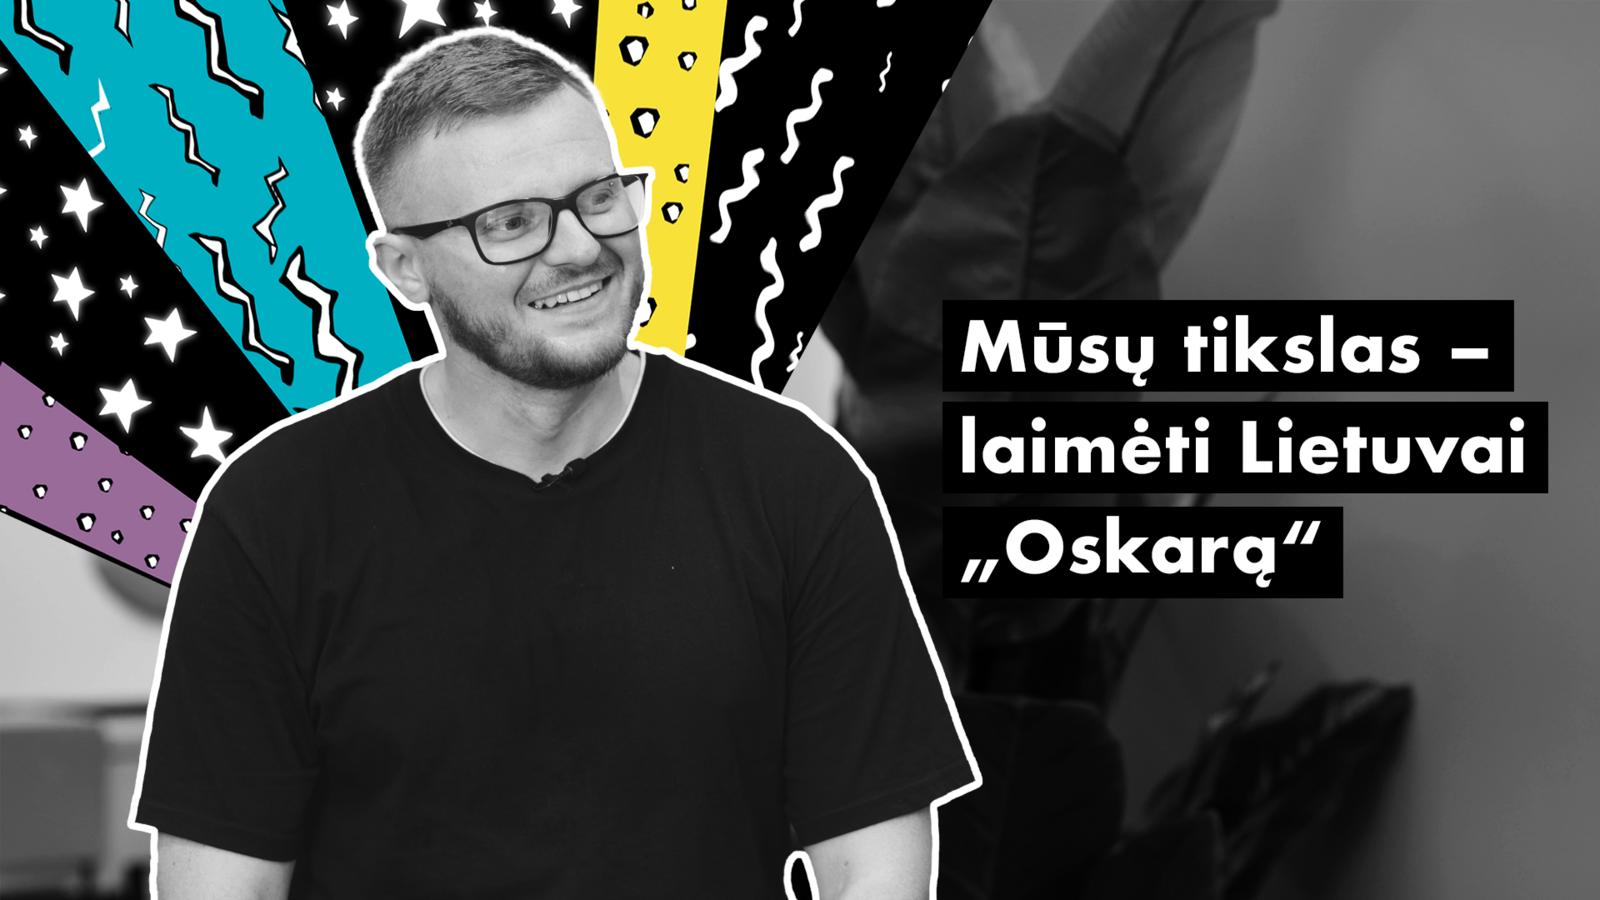 """#UNIKALU. M. Valkevičus: """"Mano tikslas – laimėti Lietuvai """"Oskarą"""" už animacinį filmą"""""""